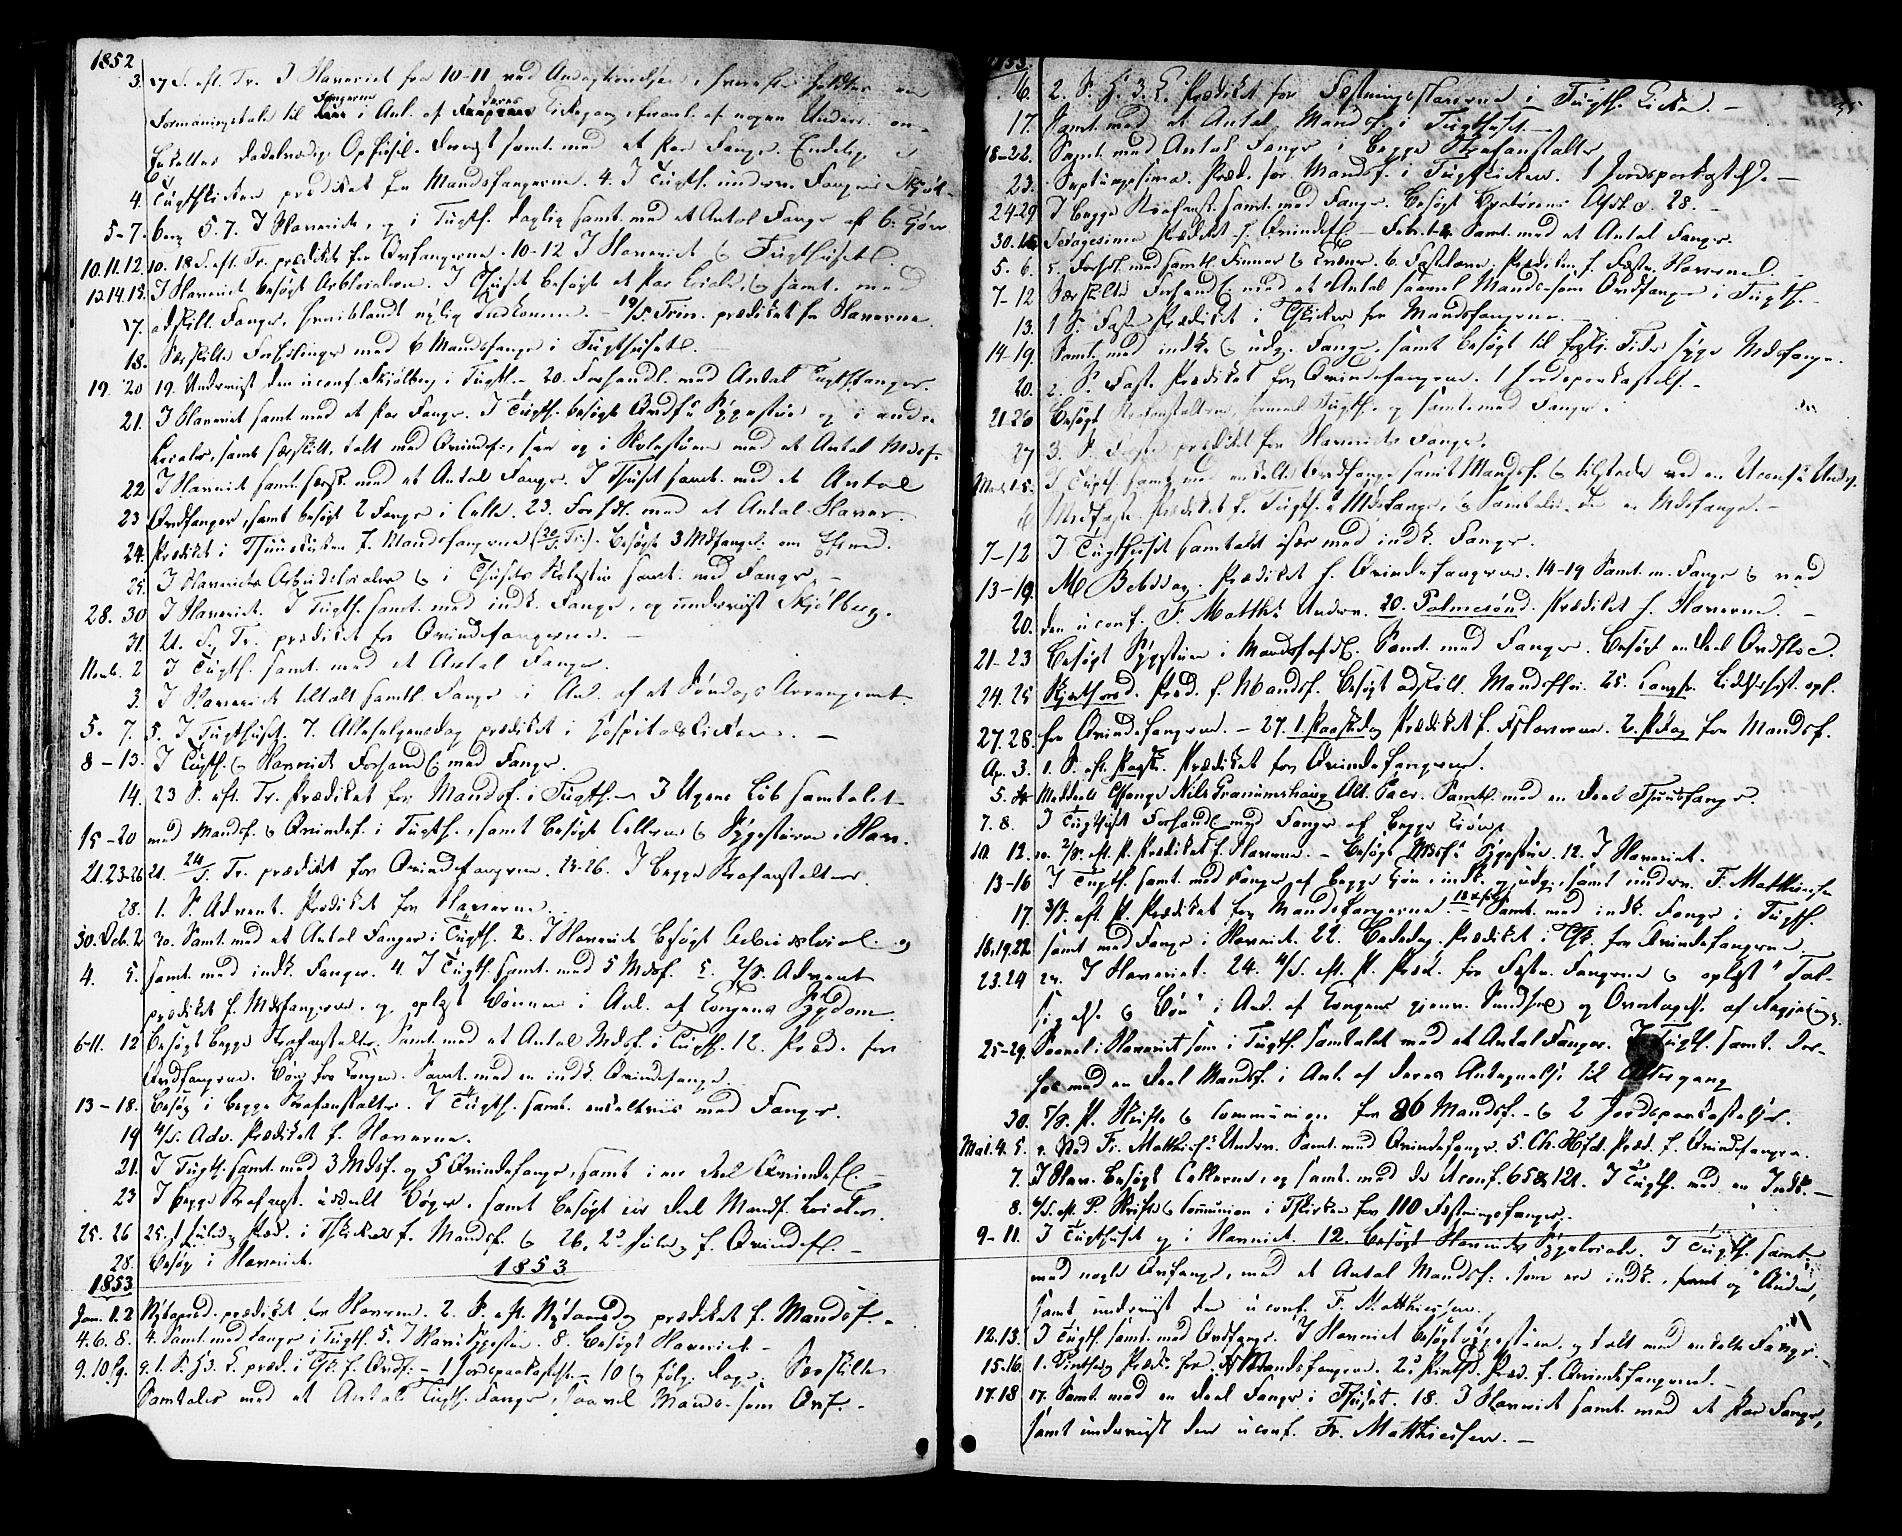 SAT, Ministerialprotokoller, klokkerbøker og fødselsregistre - Sør-Trøndelag, 624/L0481: Ministerialbok nr. 624A02, 1841-1869, s. 35